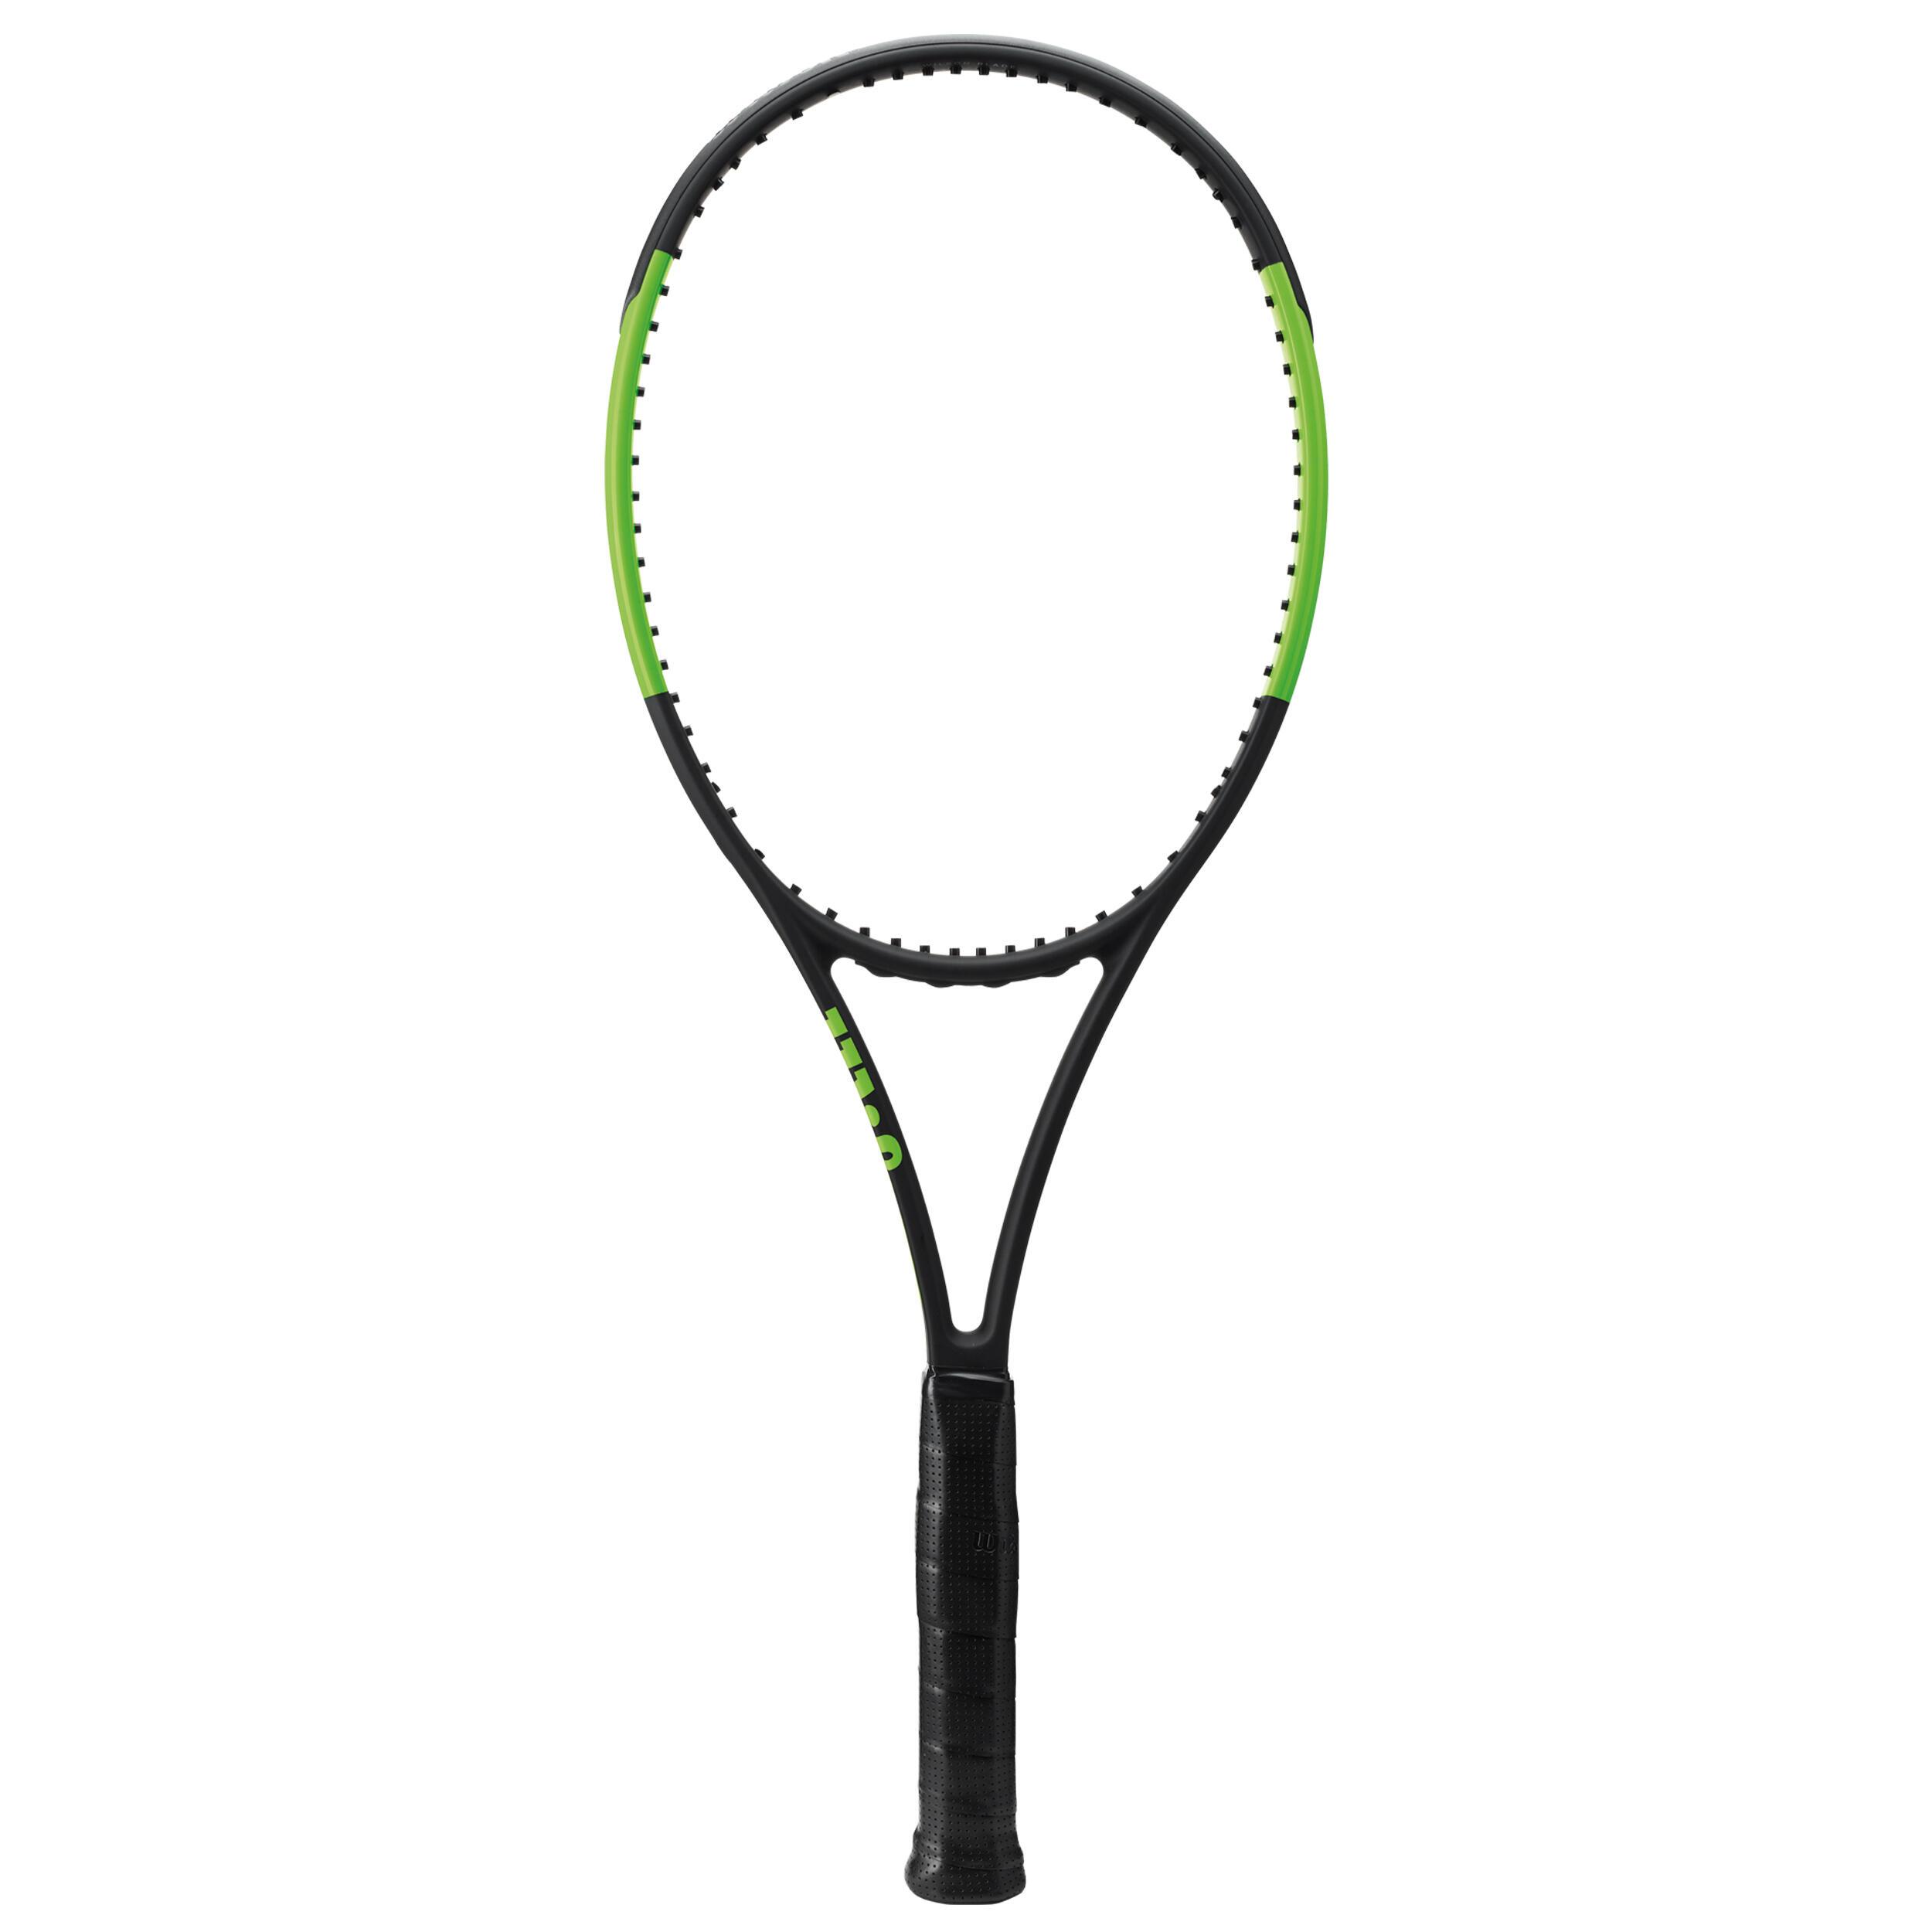 Tennisschläger Blade 98 L besaitet schwarz/grün